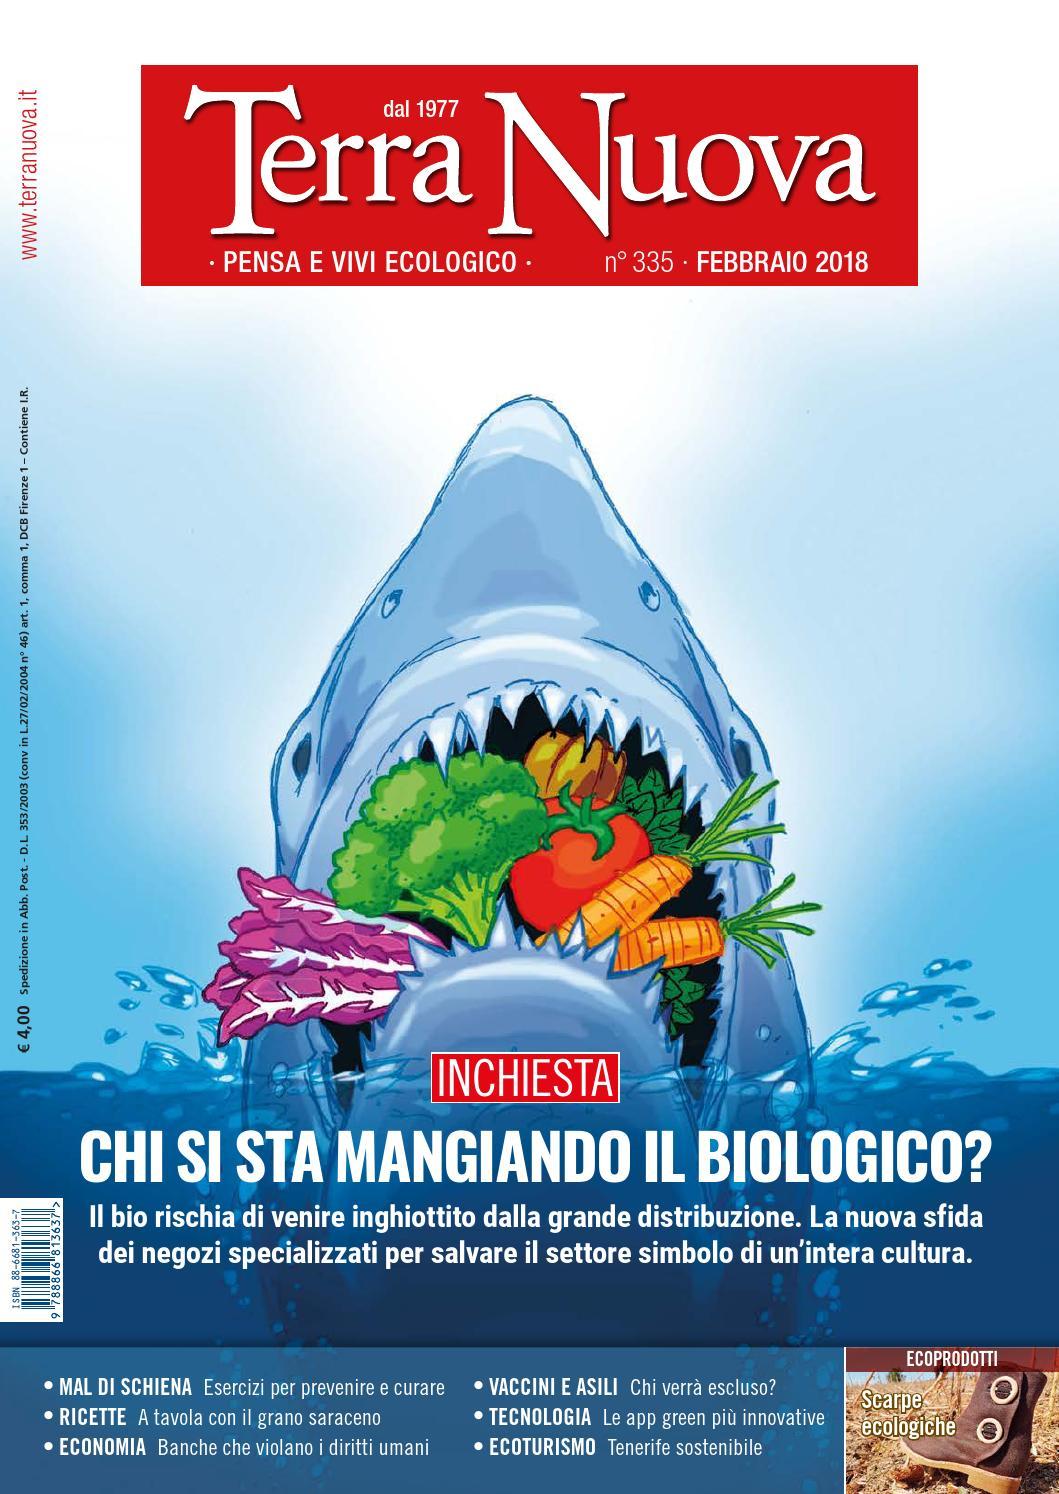 Terra Nuova Febbraio 2018 COPIA OMAGGIO by Terra Nuova Edizioni - issuu 6c6d565cfea4